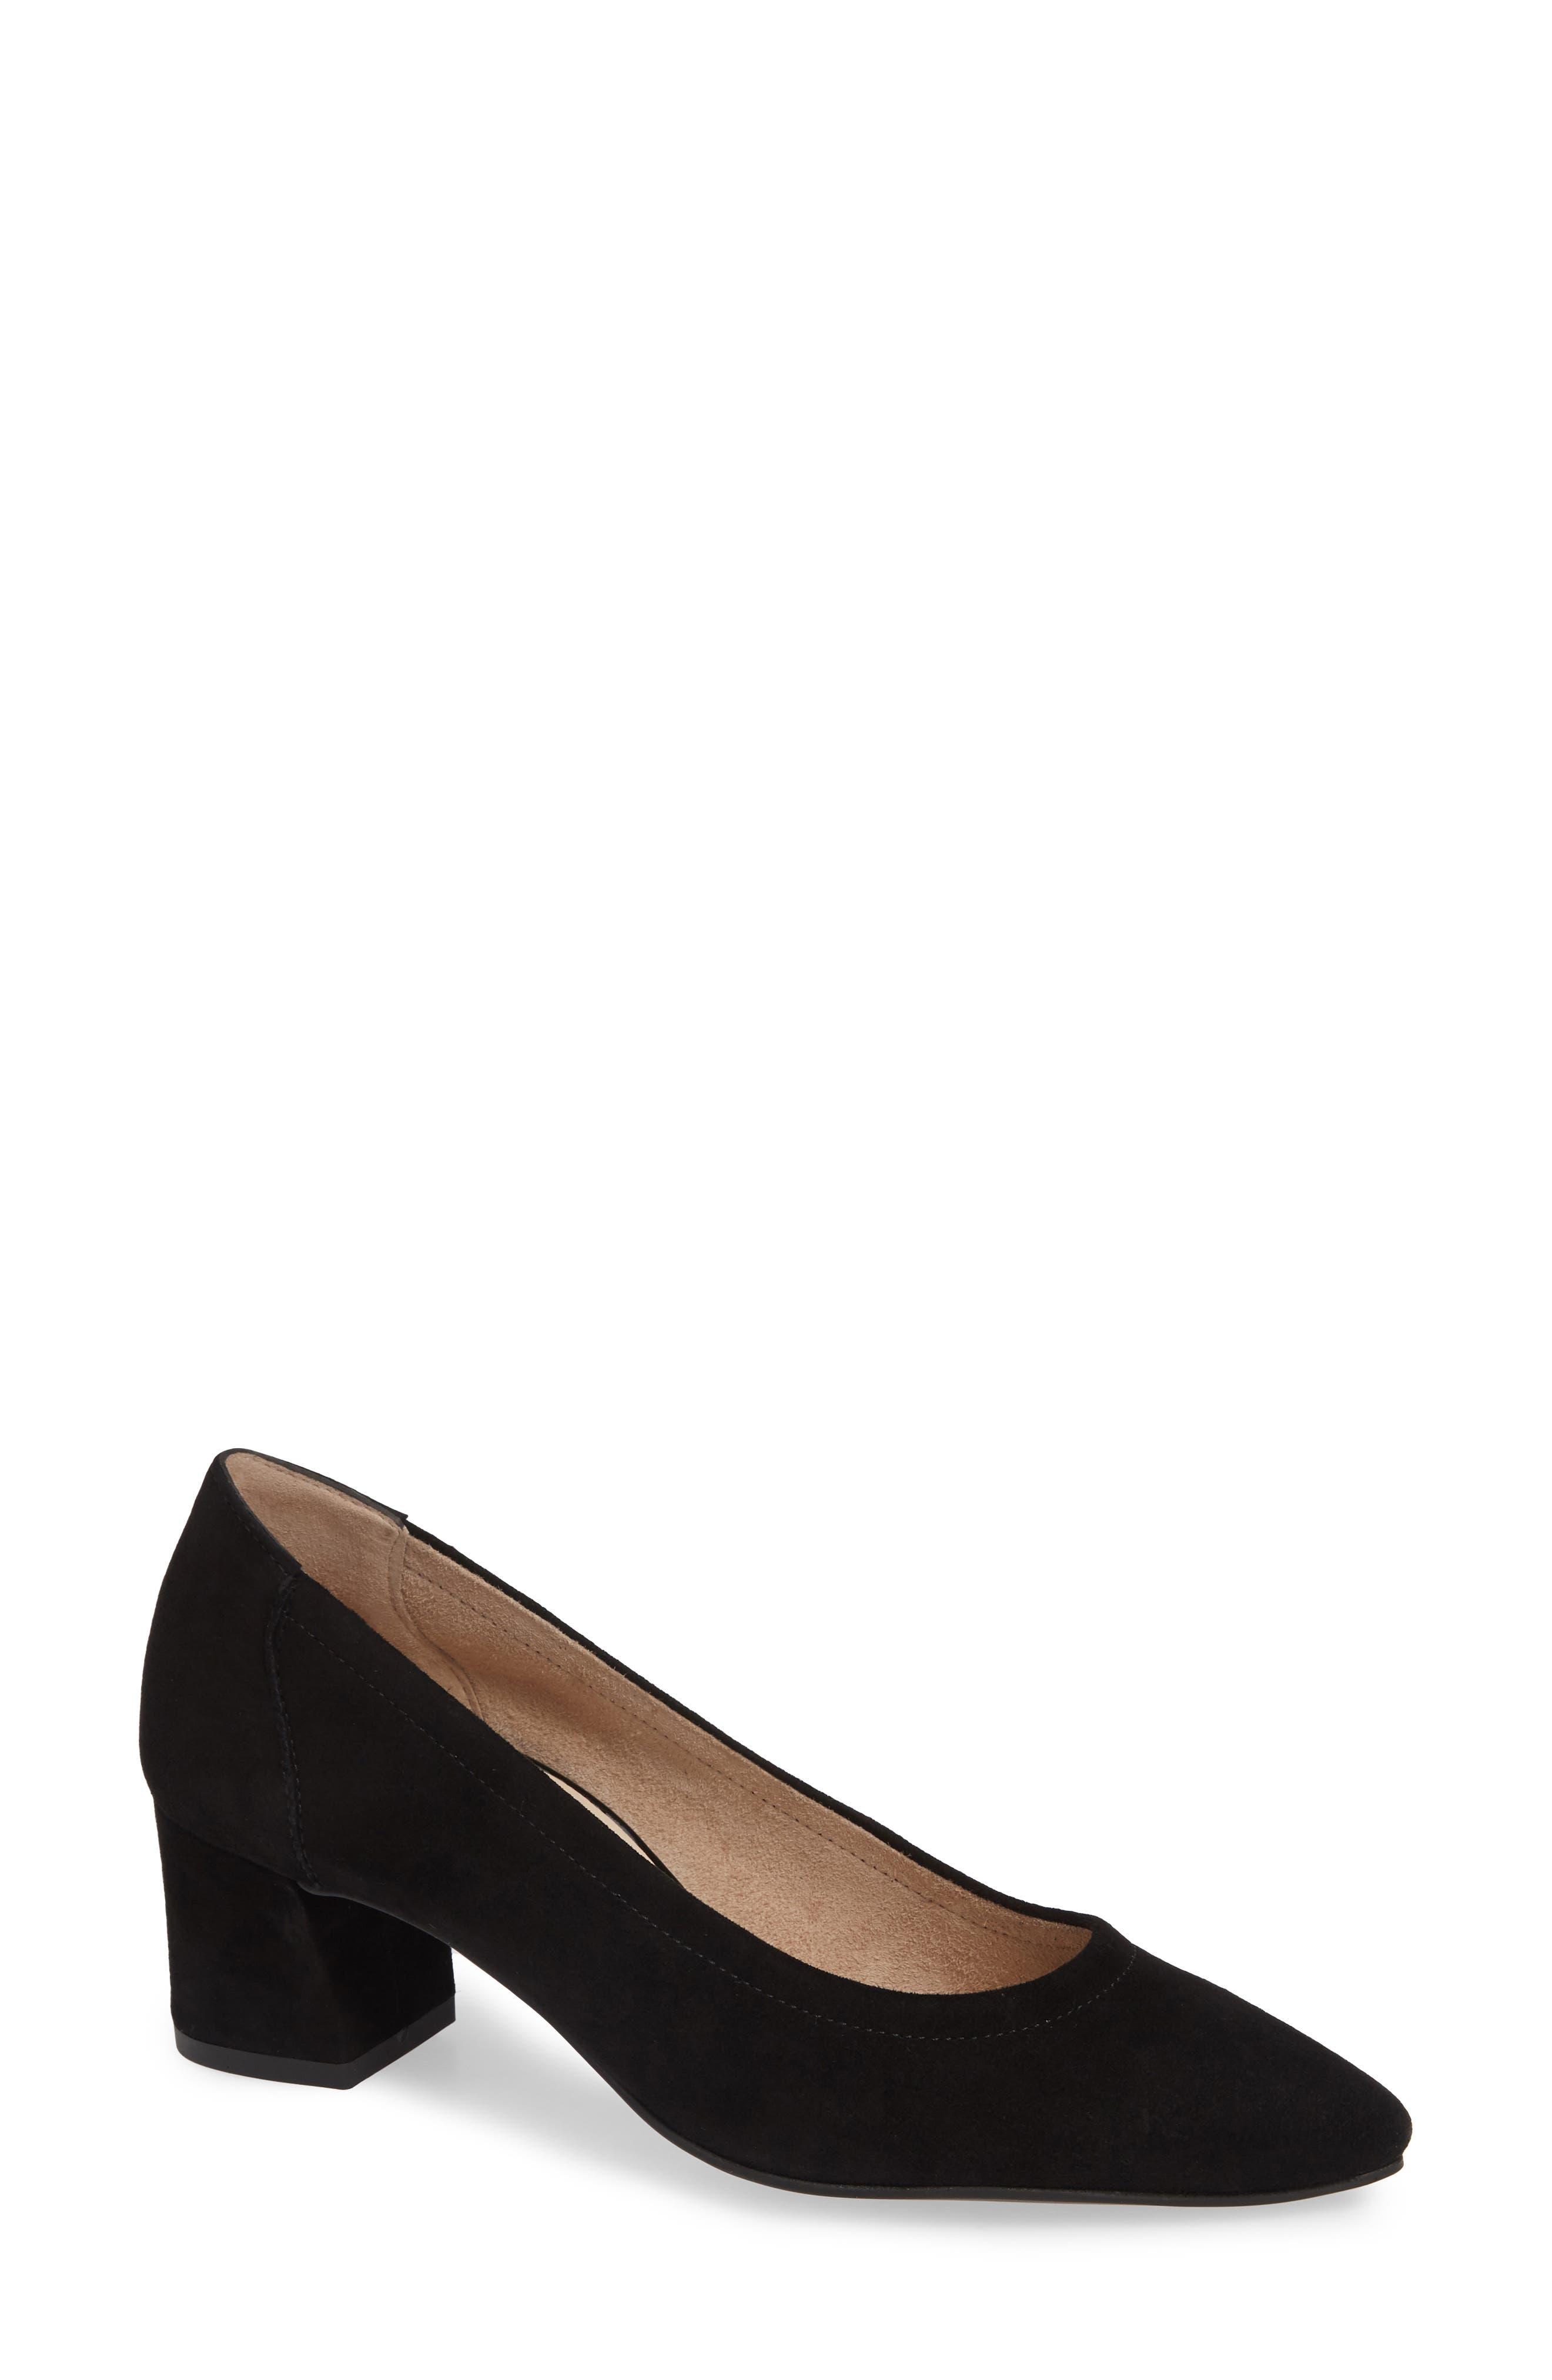 Women'S Tammy Block-Heel Pumps in Black Suede